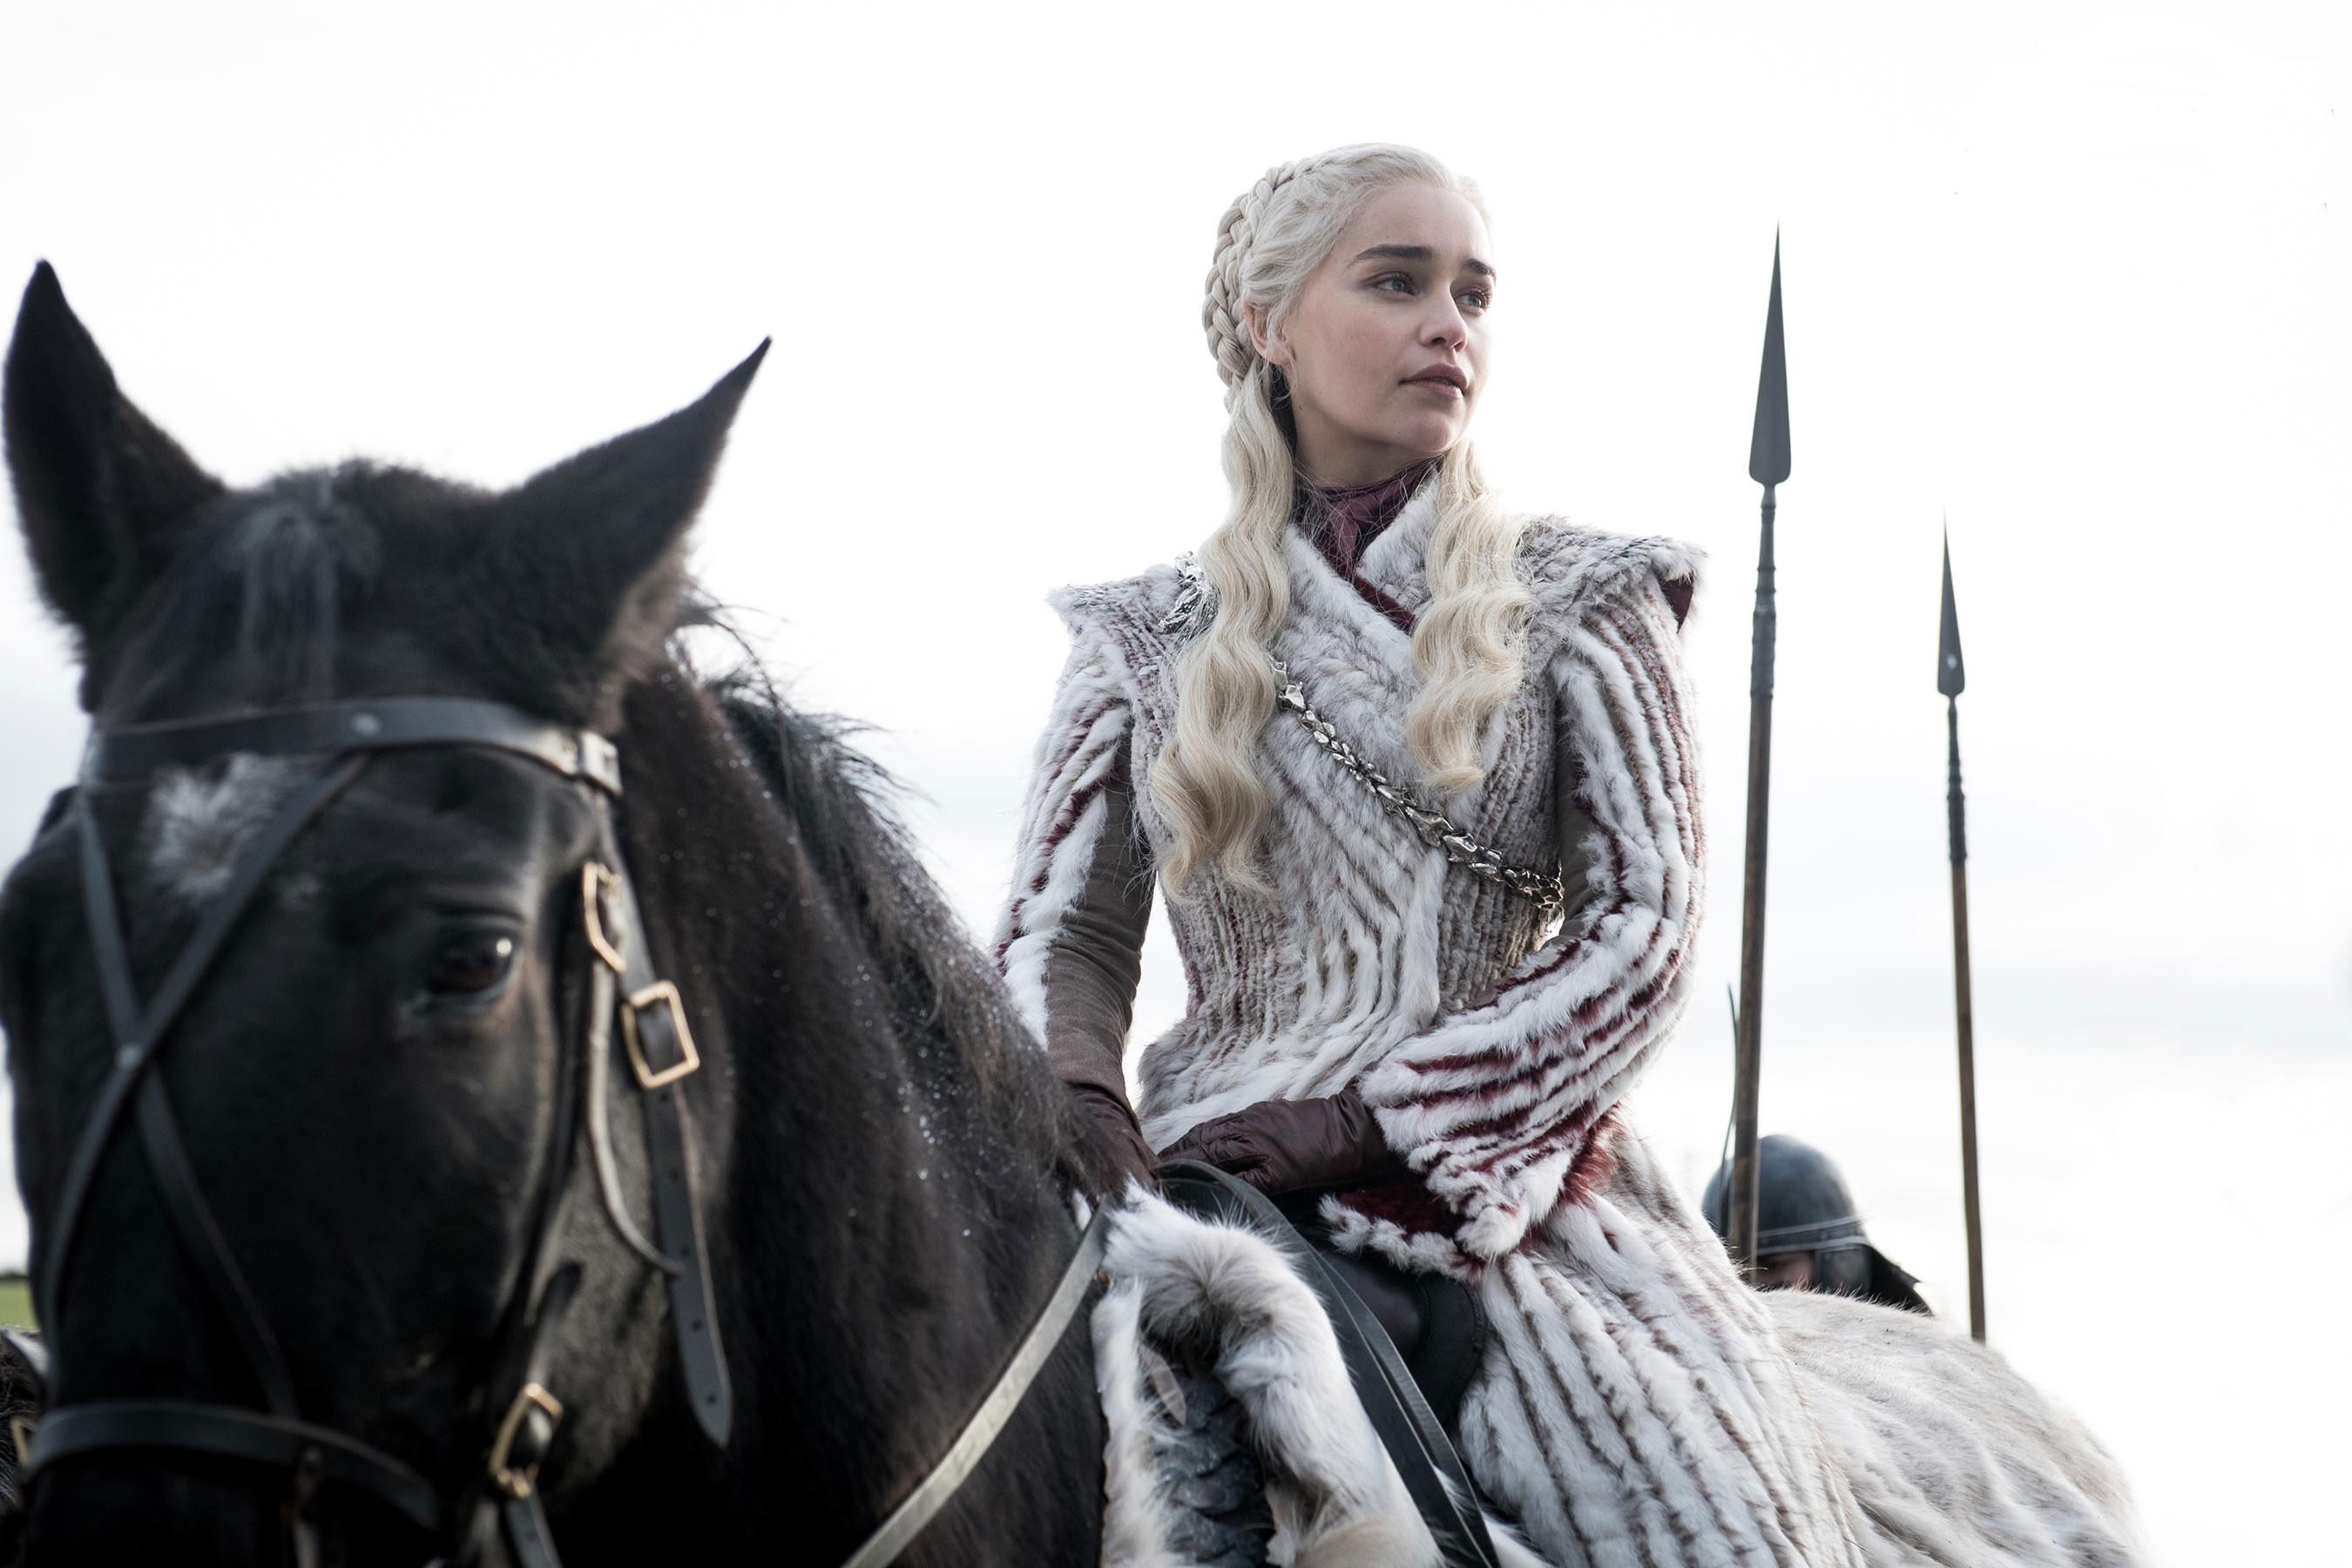 'Game of Thrones' estreia temporada final com recorde de 17,4 milhões de espectadores nos EUA